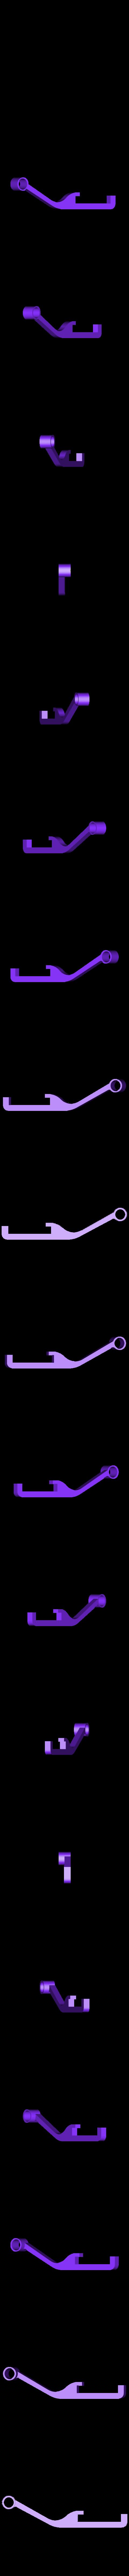 guide_clip_right.stl Télécharger fichier STL gratuit Filament Spool Wall Mount + Hub • Plan imprimable en 3D, ferjerez3d